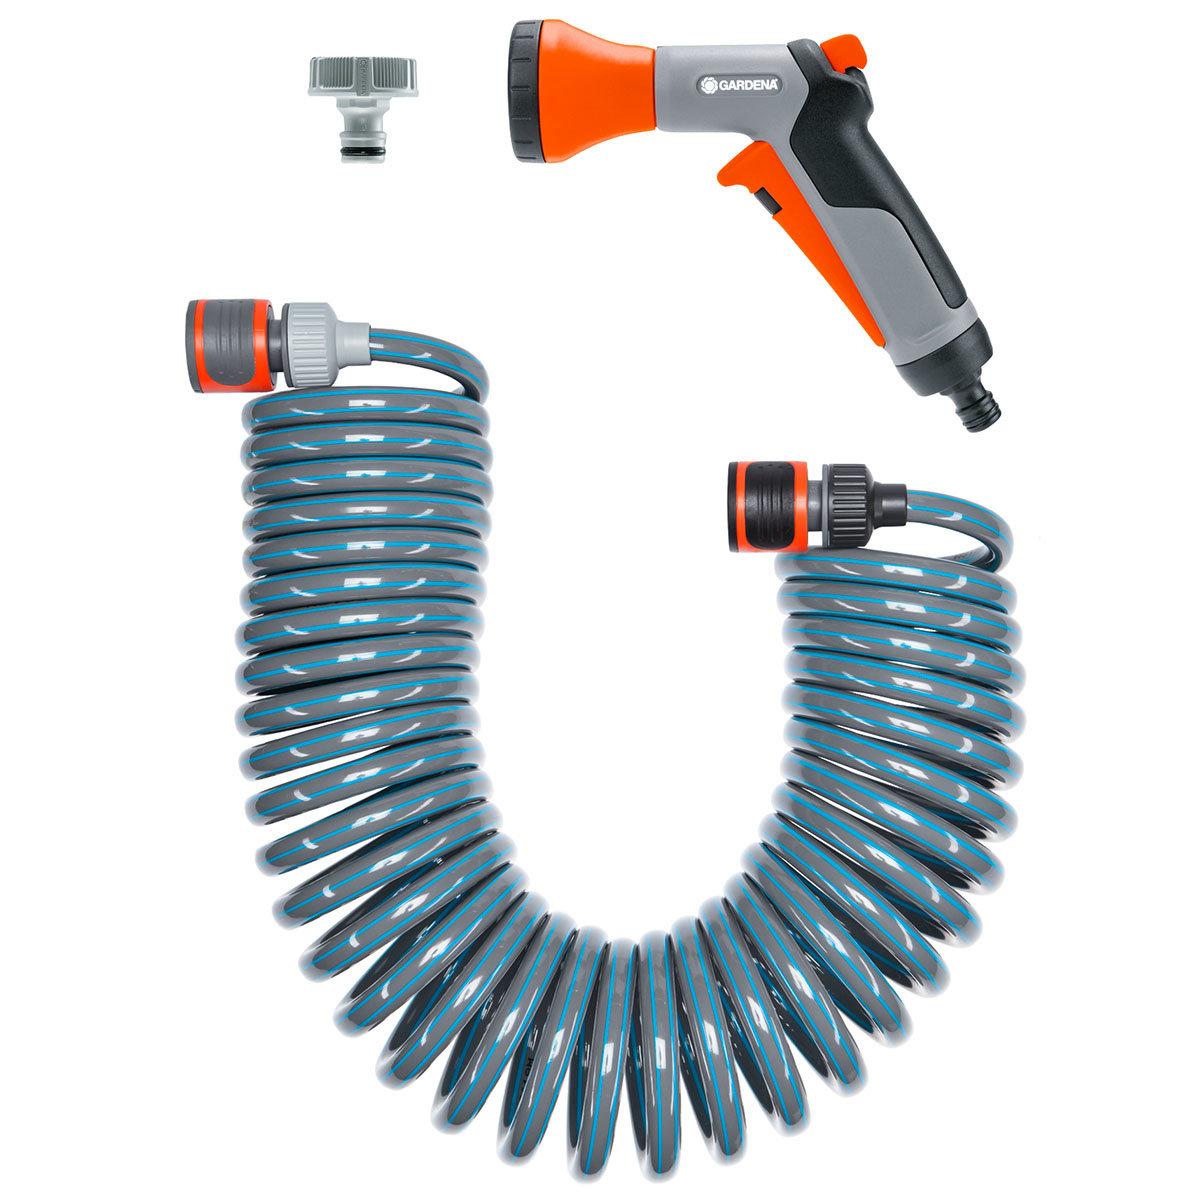 Spiralschlauch-Set 10 m, komplett mit  Impulsbrause und Systemteilen | #2